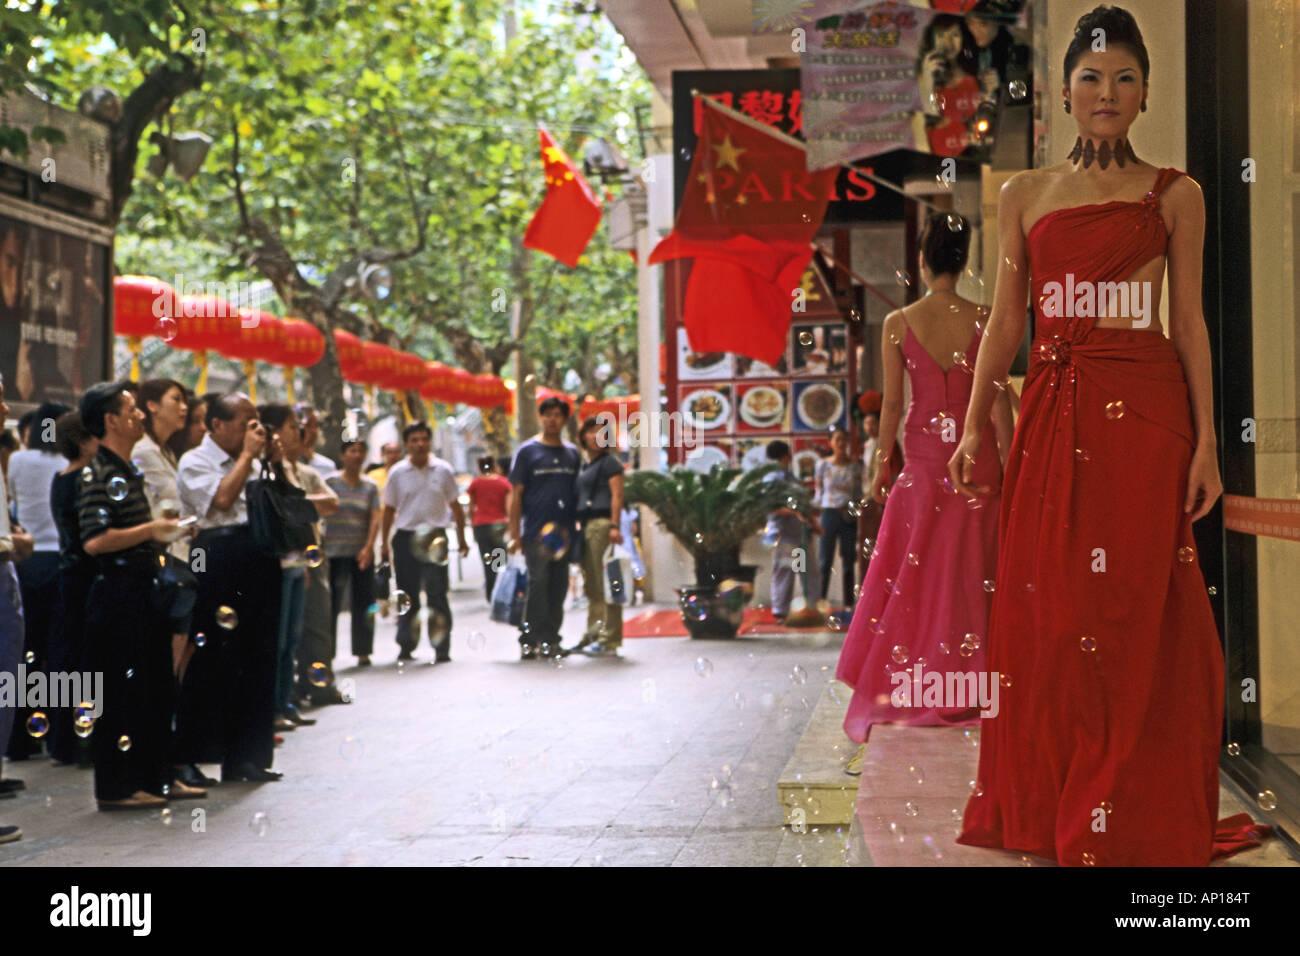 Dress Display Shops Stock Photos & Dress Display Shops Stock Images ...